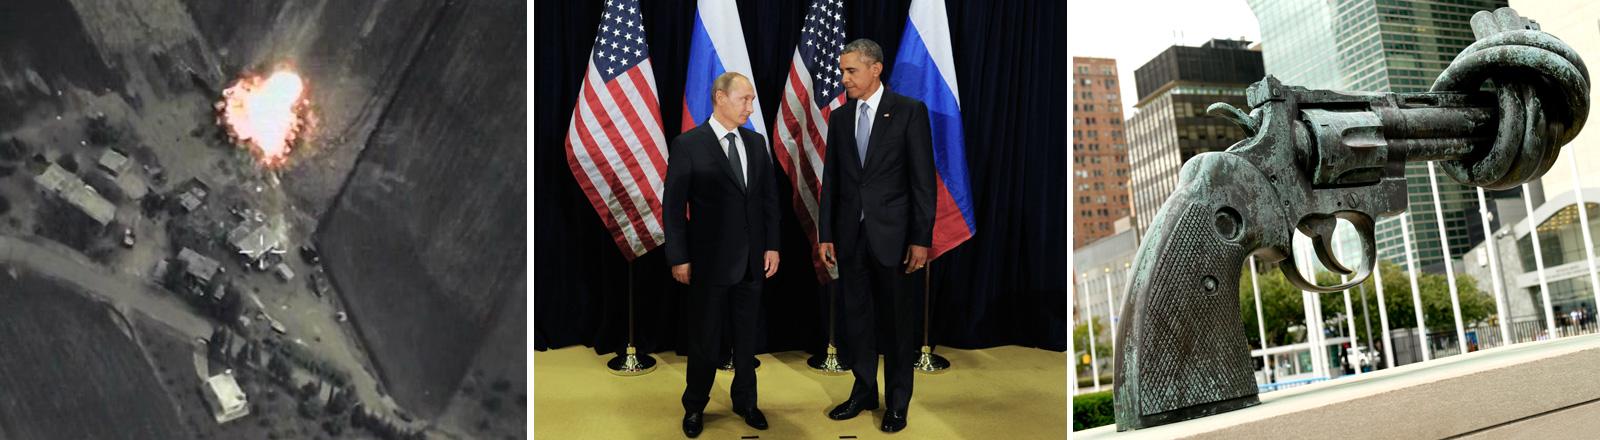 Die Optionen im Syrienkrieg: Reden, Bomben oder nichts tun.